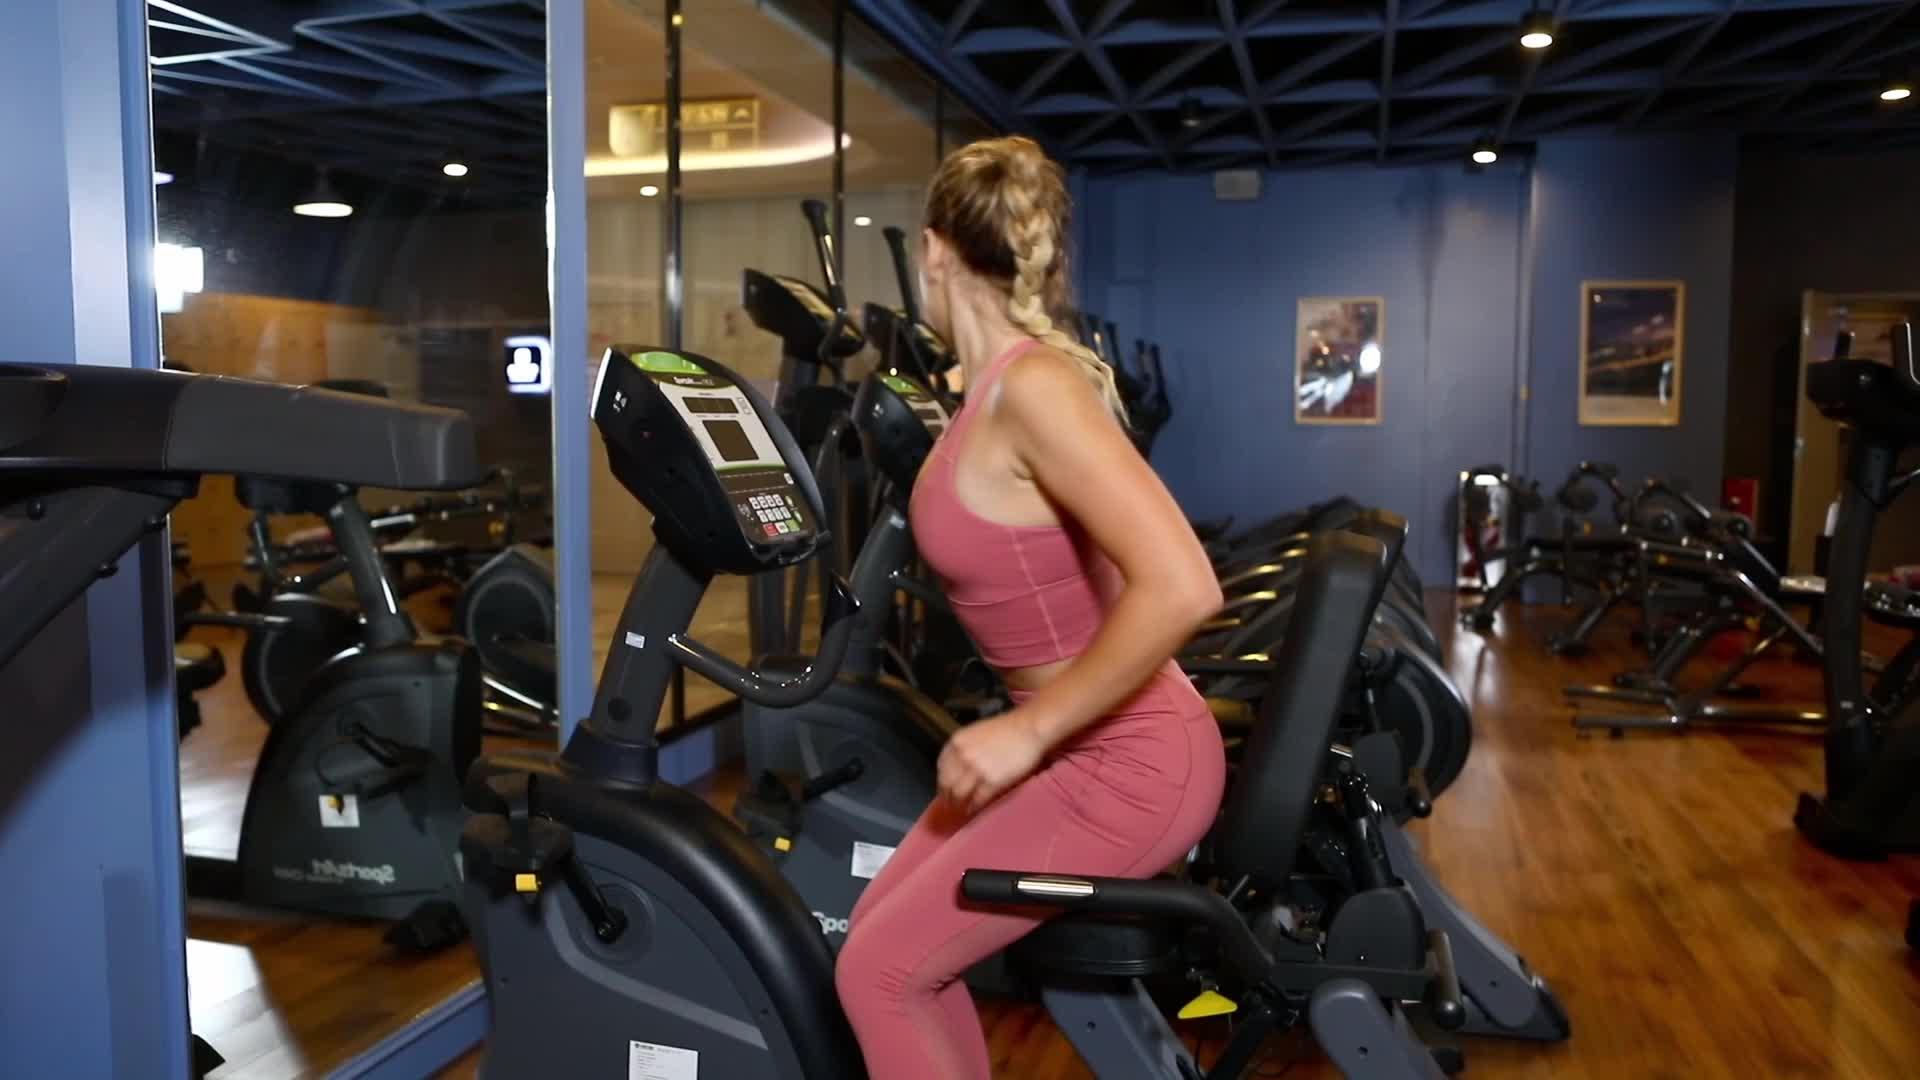 Özelleştirmek fitness yoga giyim seksi kırpma üst spor salonu yüksek darbe spor sutyeni ganimet şort yoga spor seti kadınlar